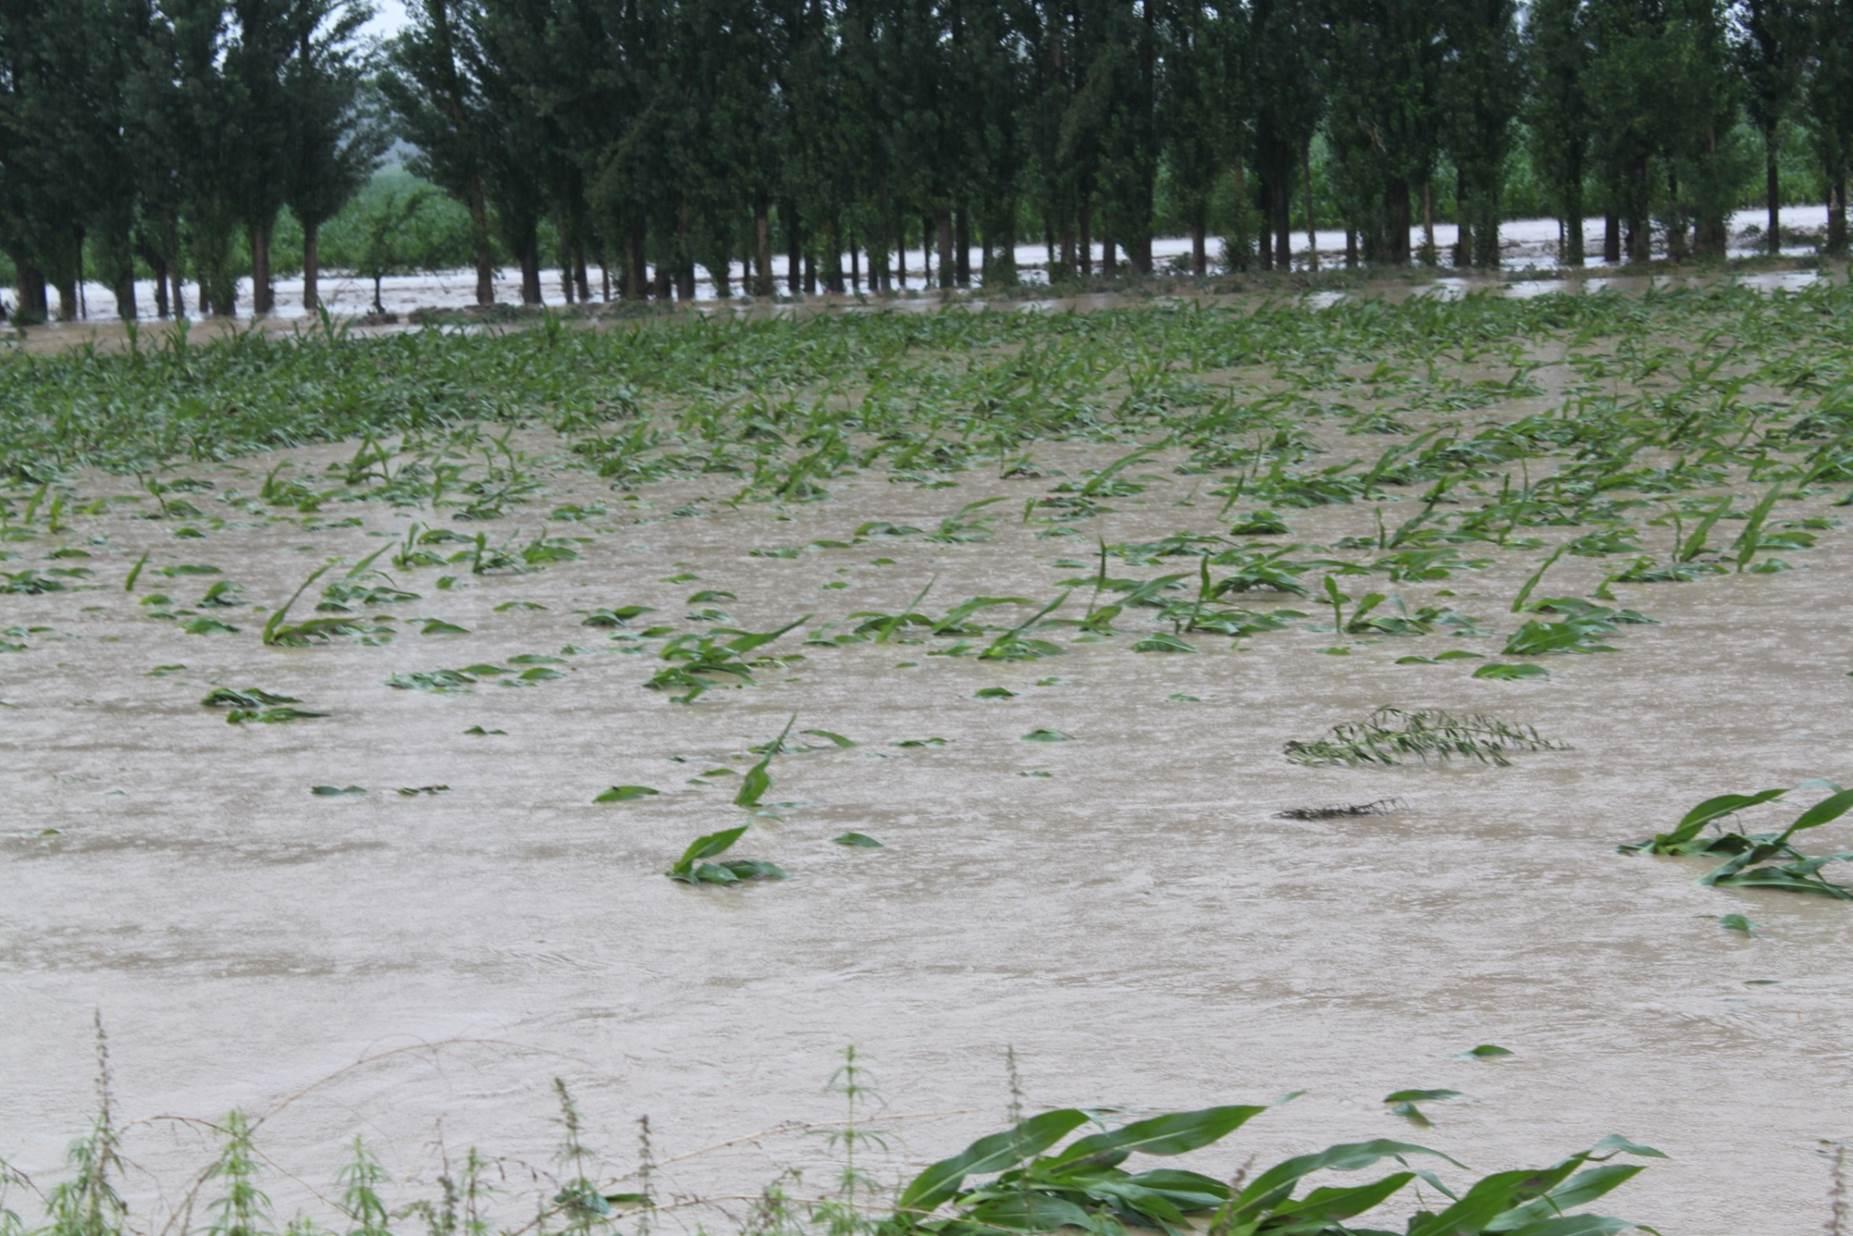 新疆洪涝灾害致9.9万人受灾1500余间房屋倒塌